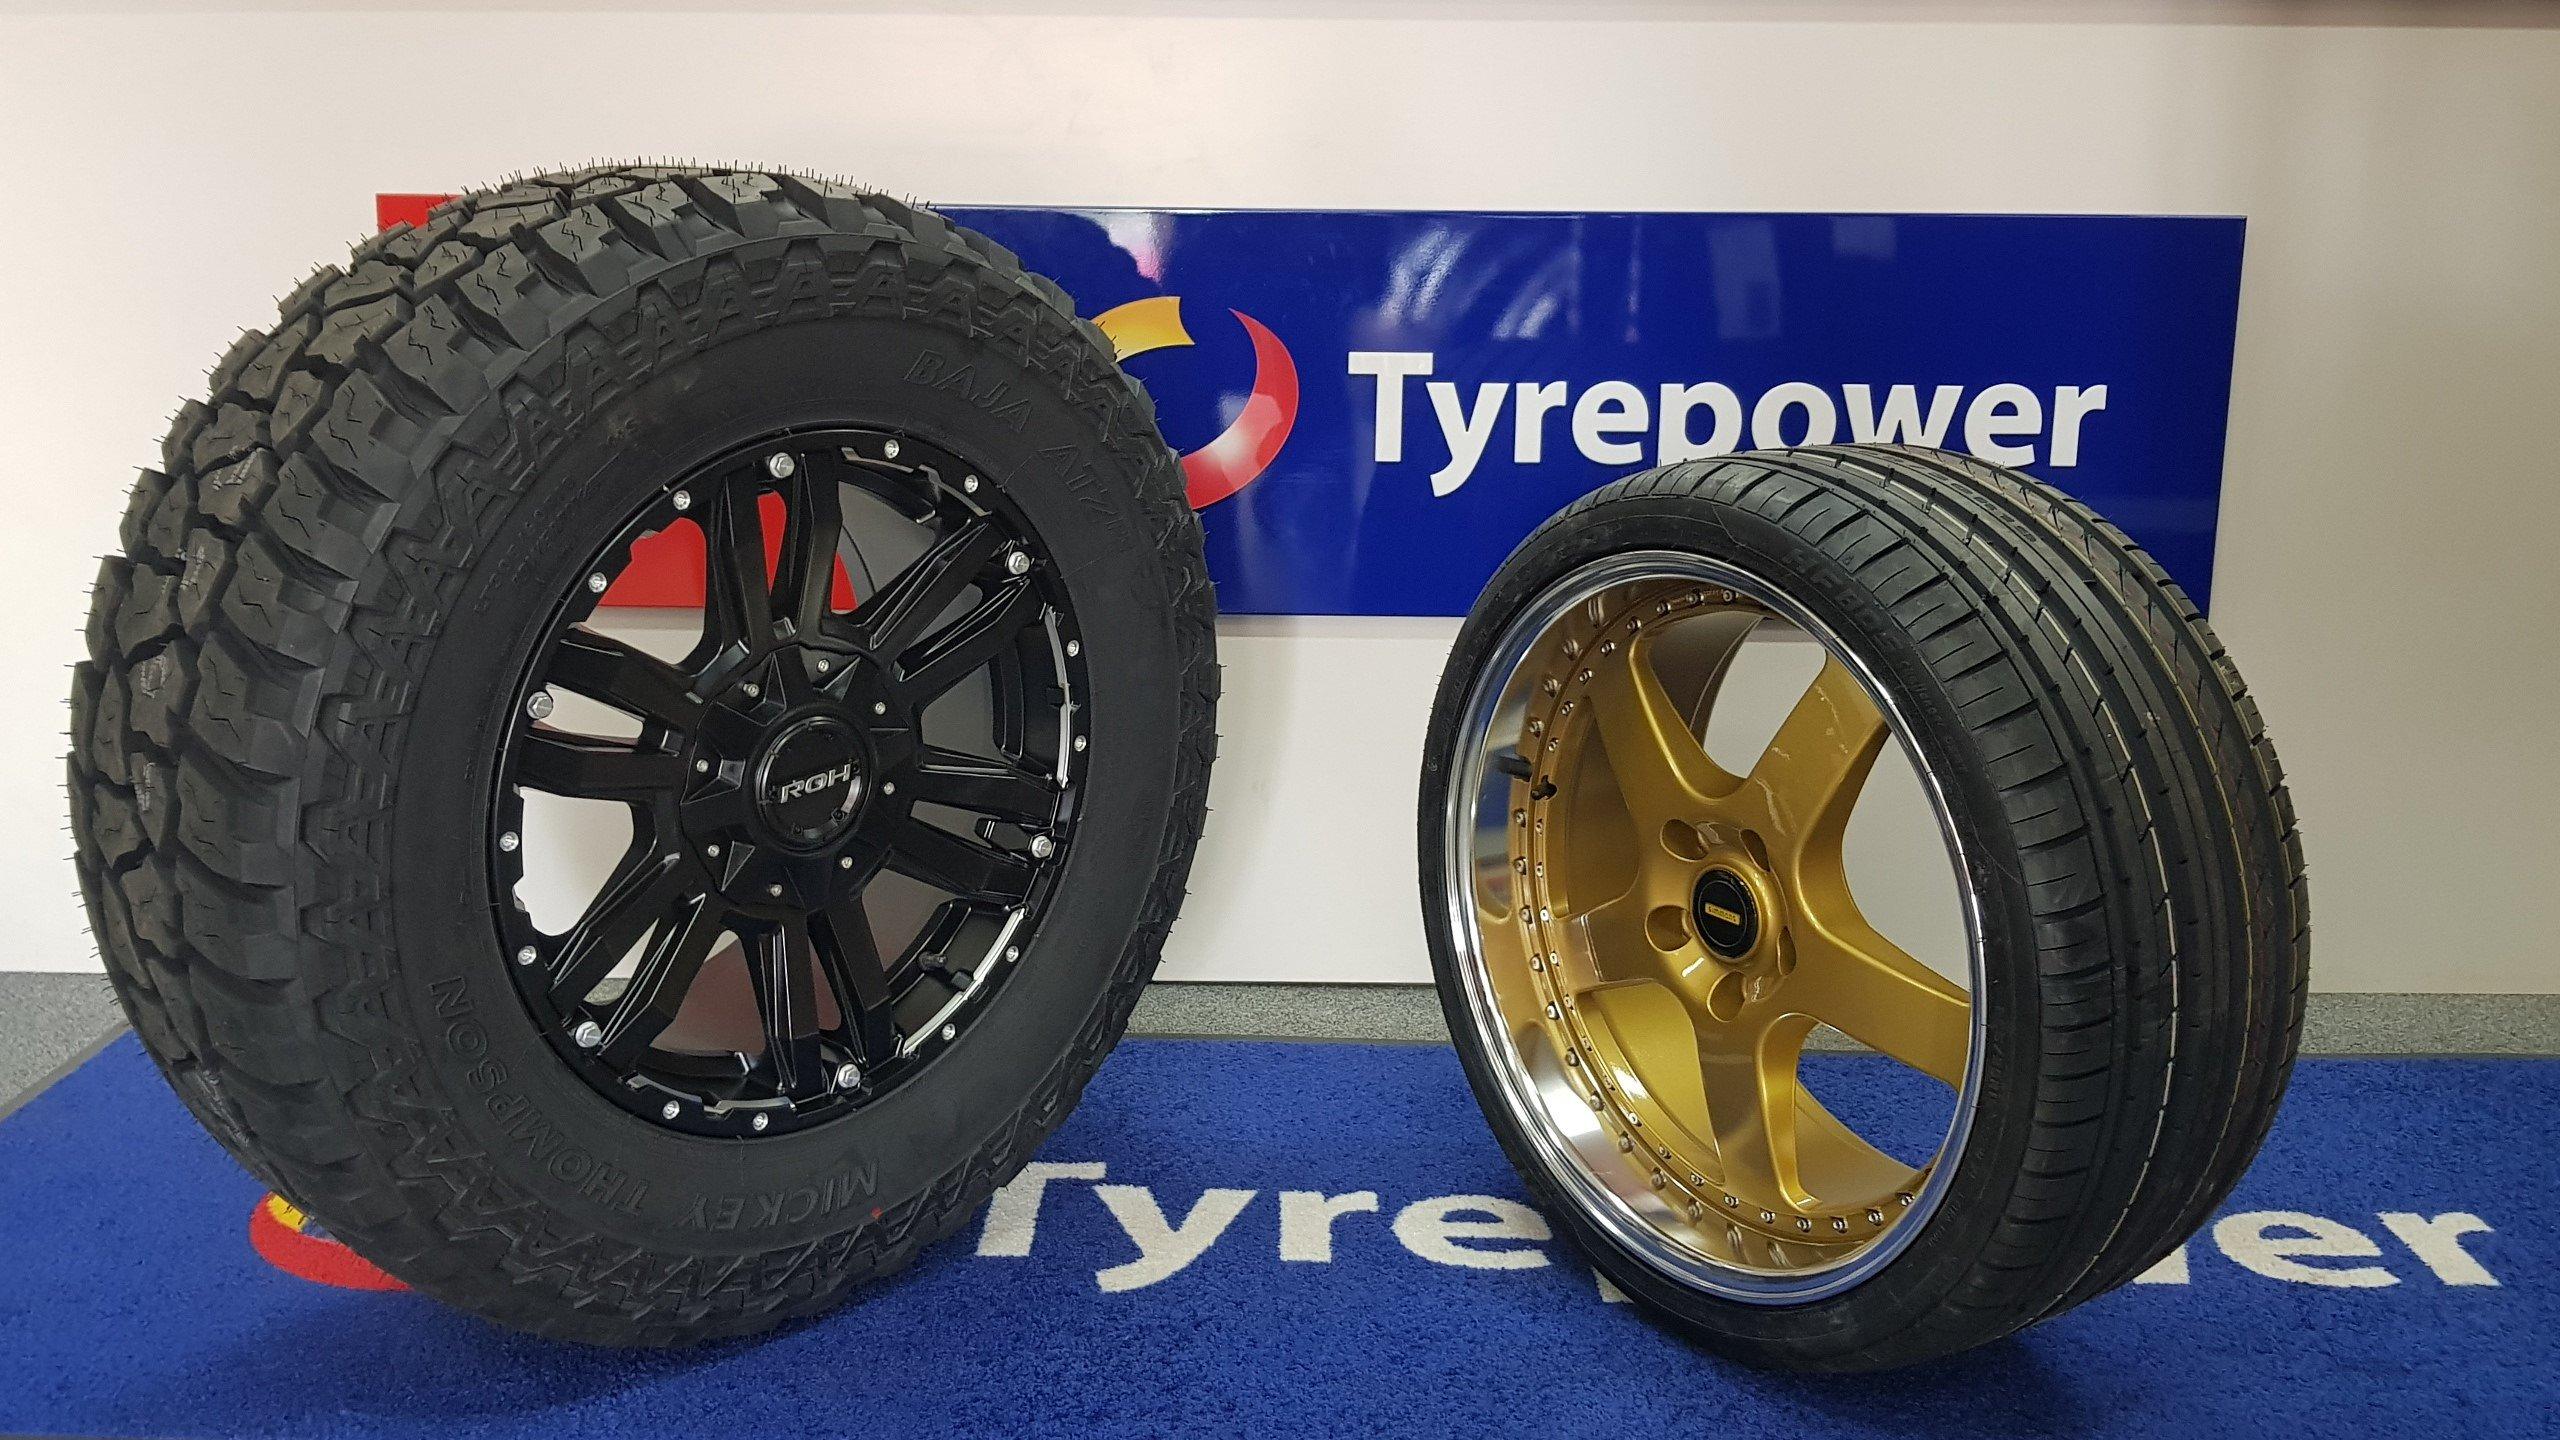 Tyrepower Scone